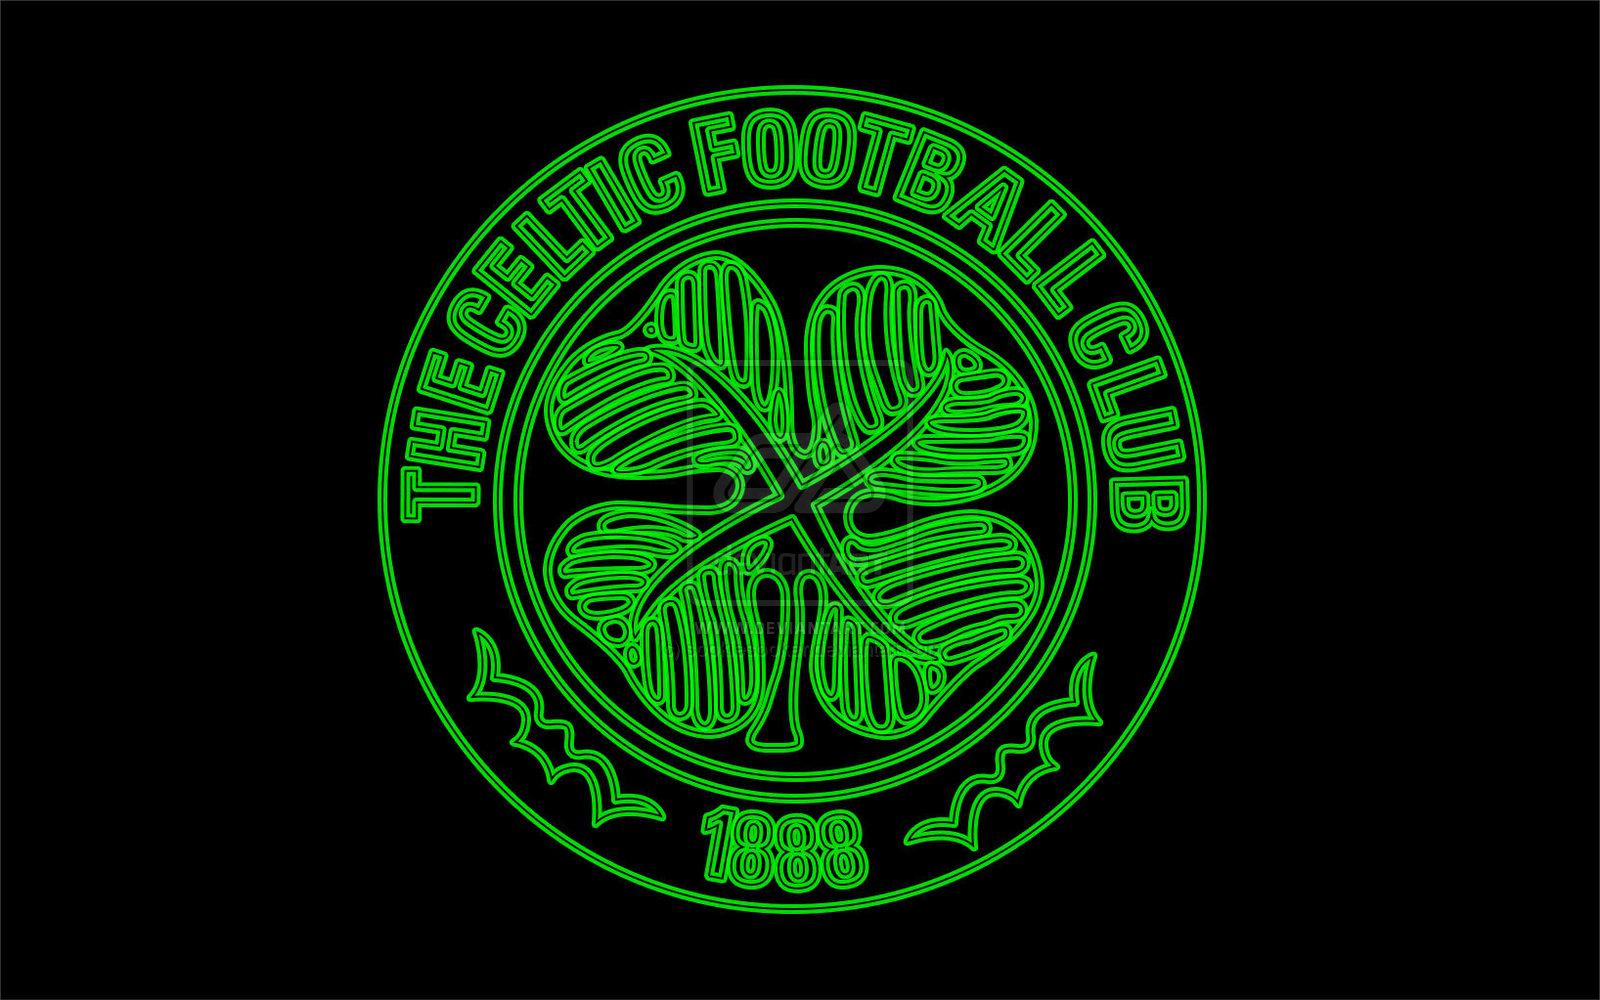 Celtic FC Neon Glow by Sookie by sookiesooker 1600x1000